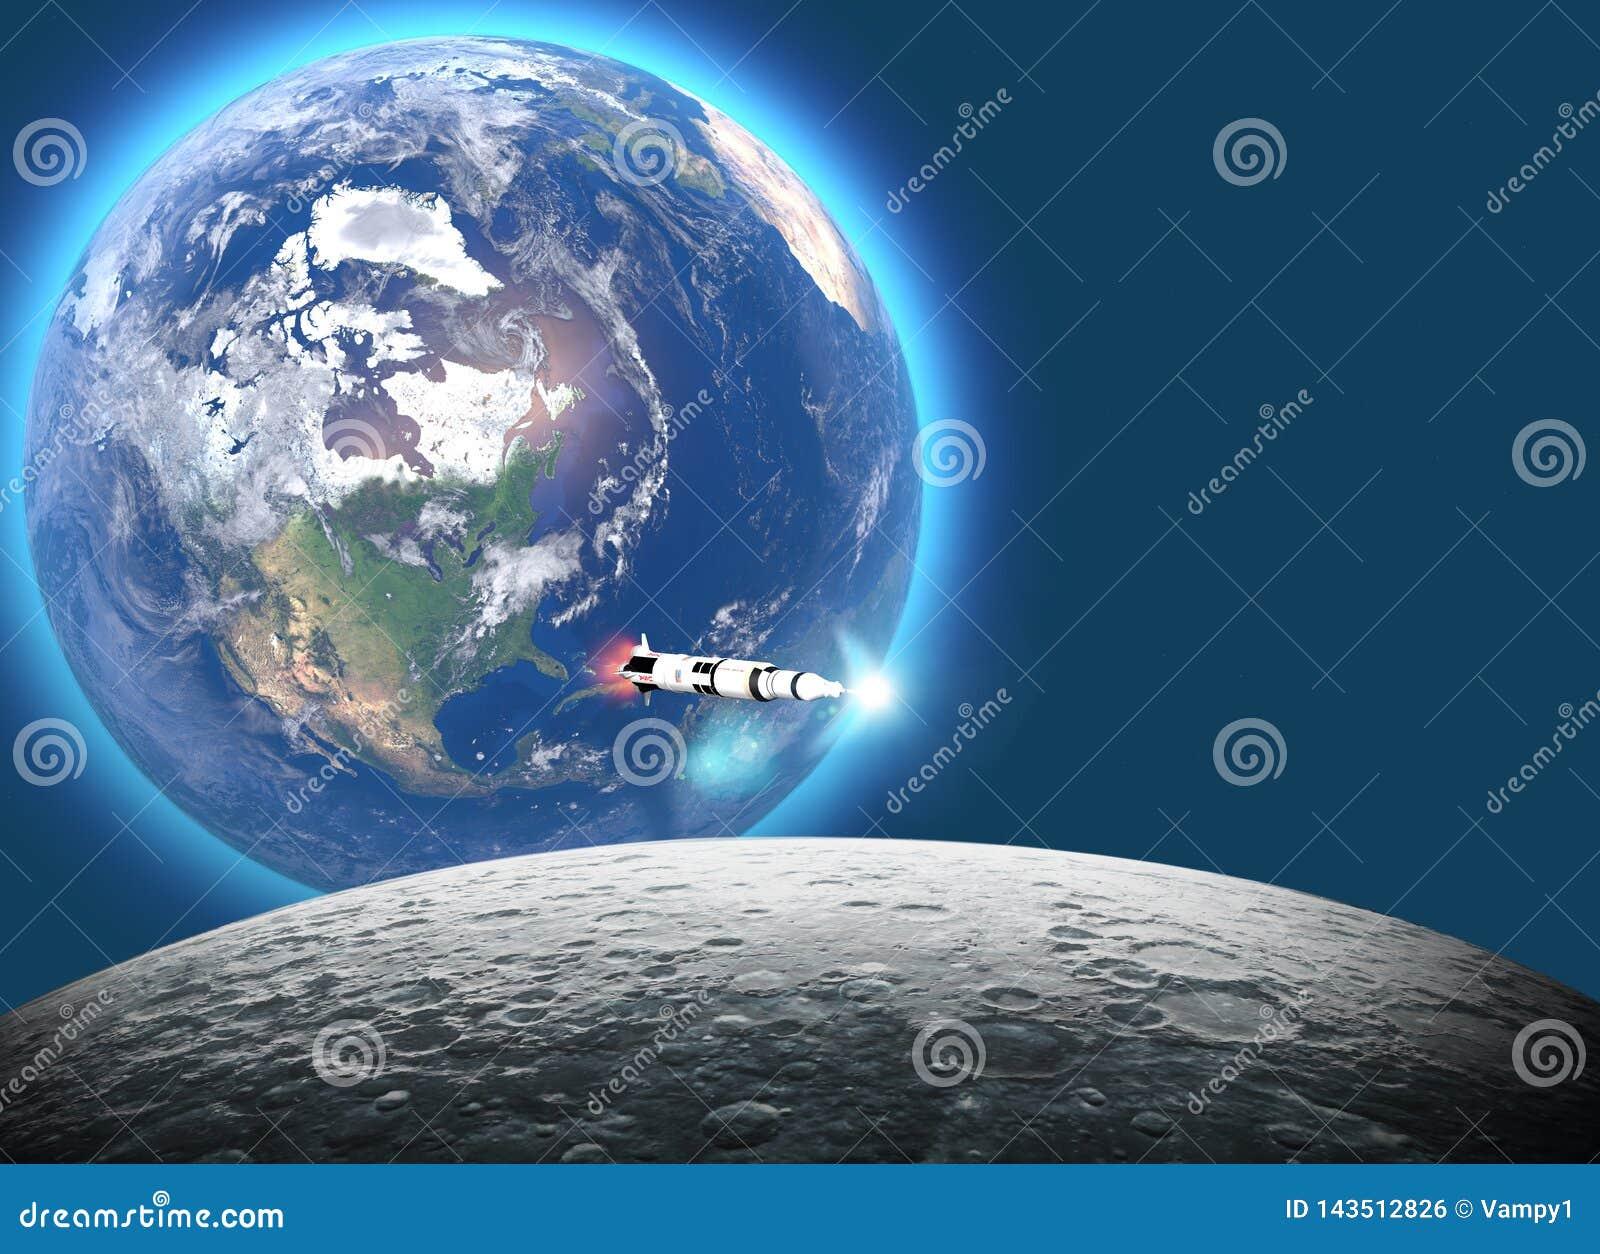 Lancement de la fus?e Saturn v vers la lune, le ciquanti?me anniversaire de l alunissage Mission 11 d Apollo La terre et lune ded